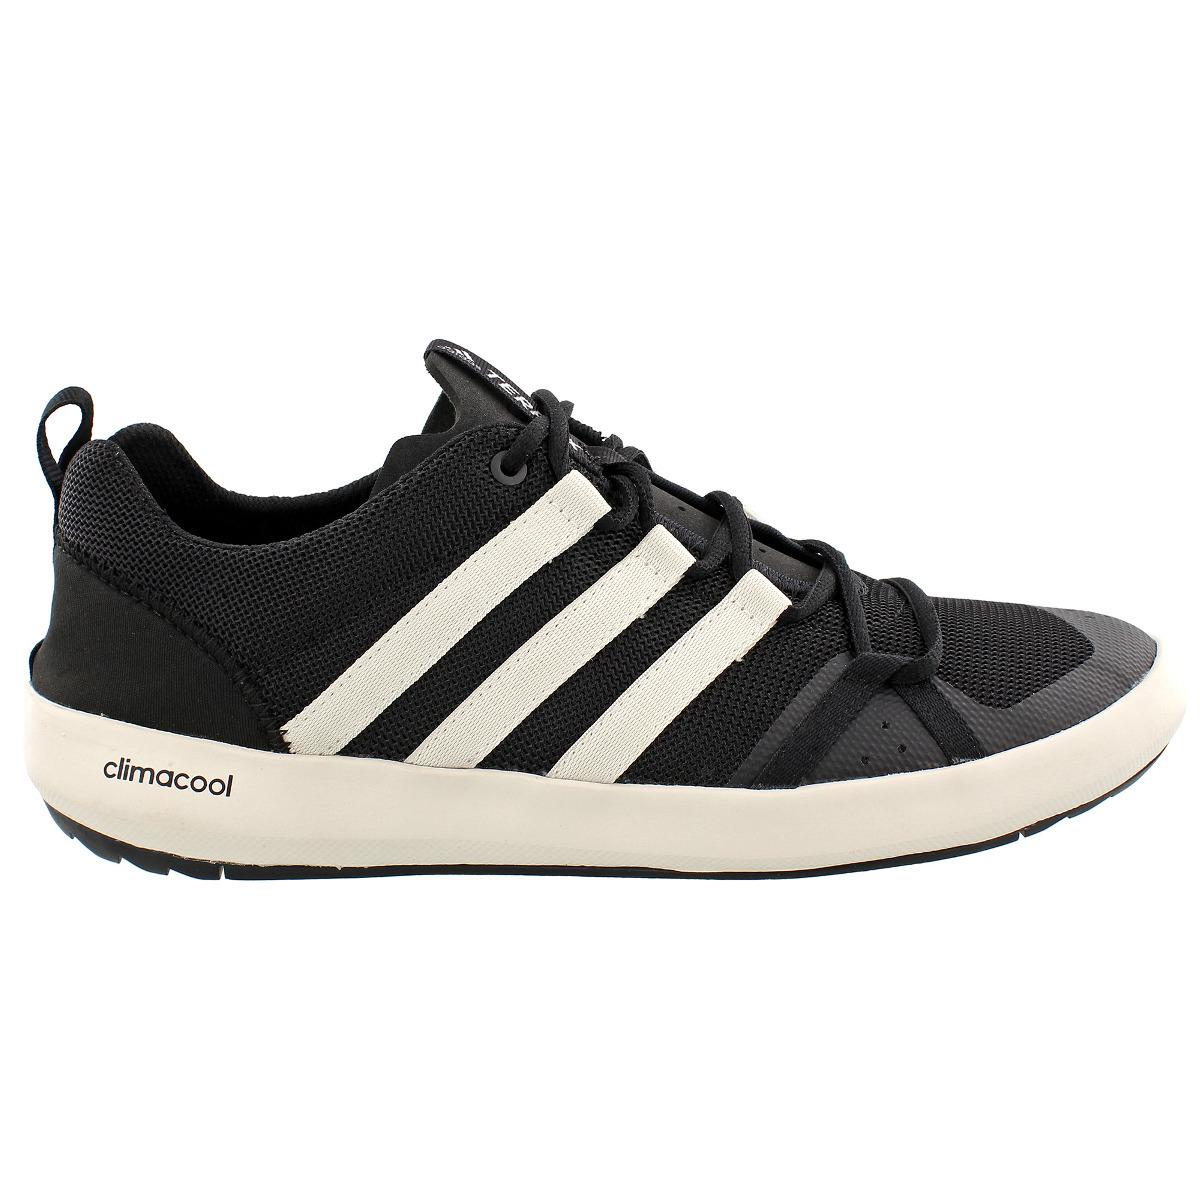 adidas boating shoes